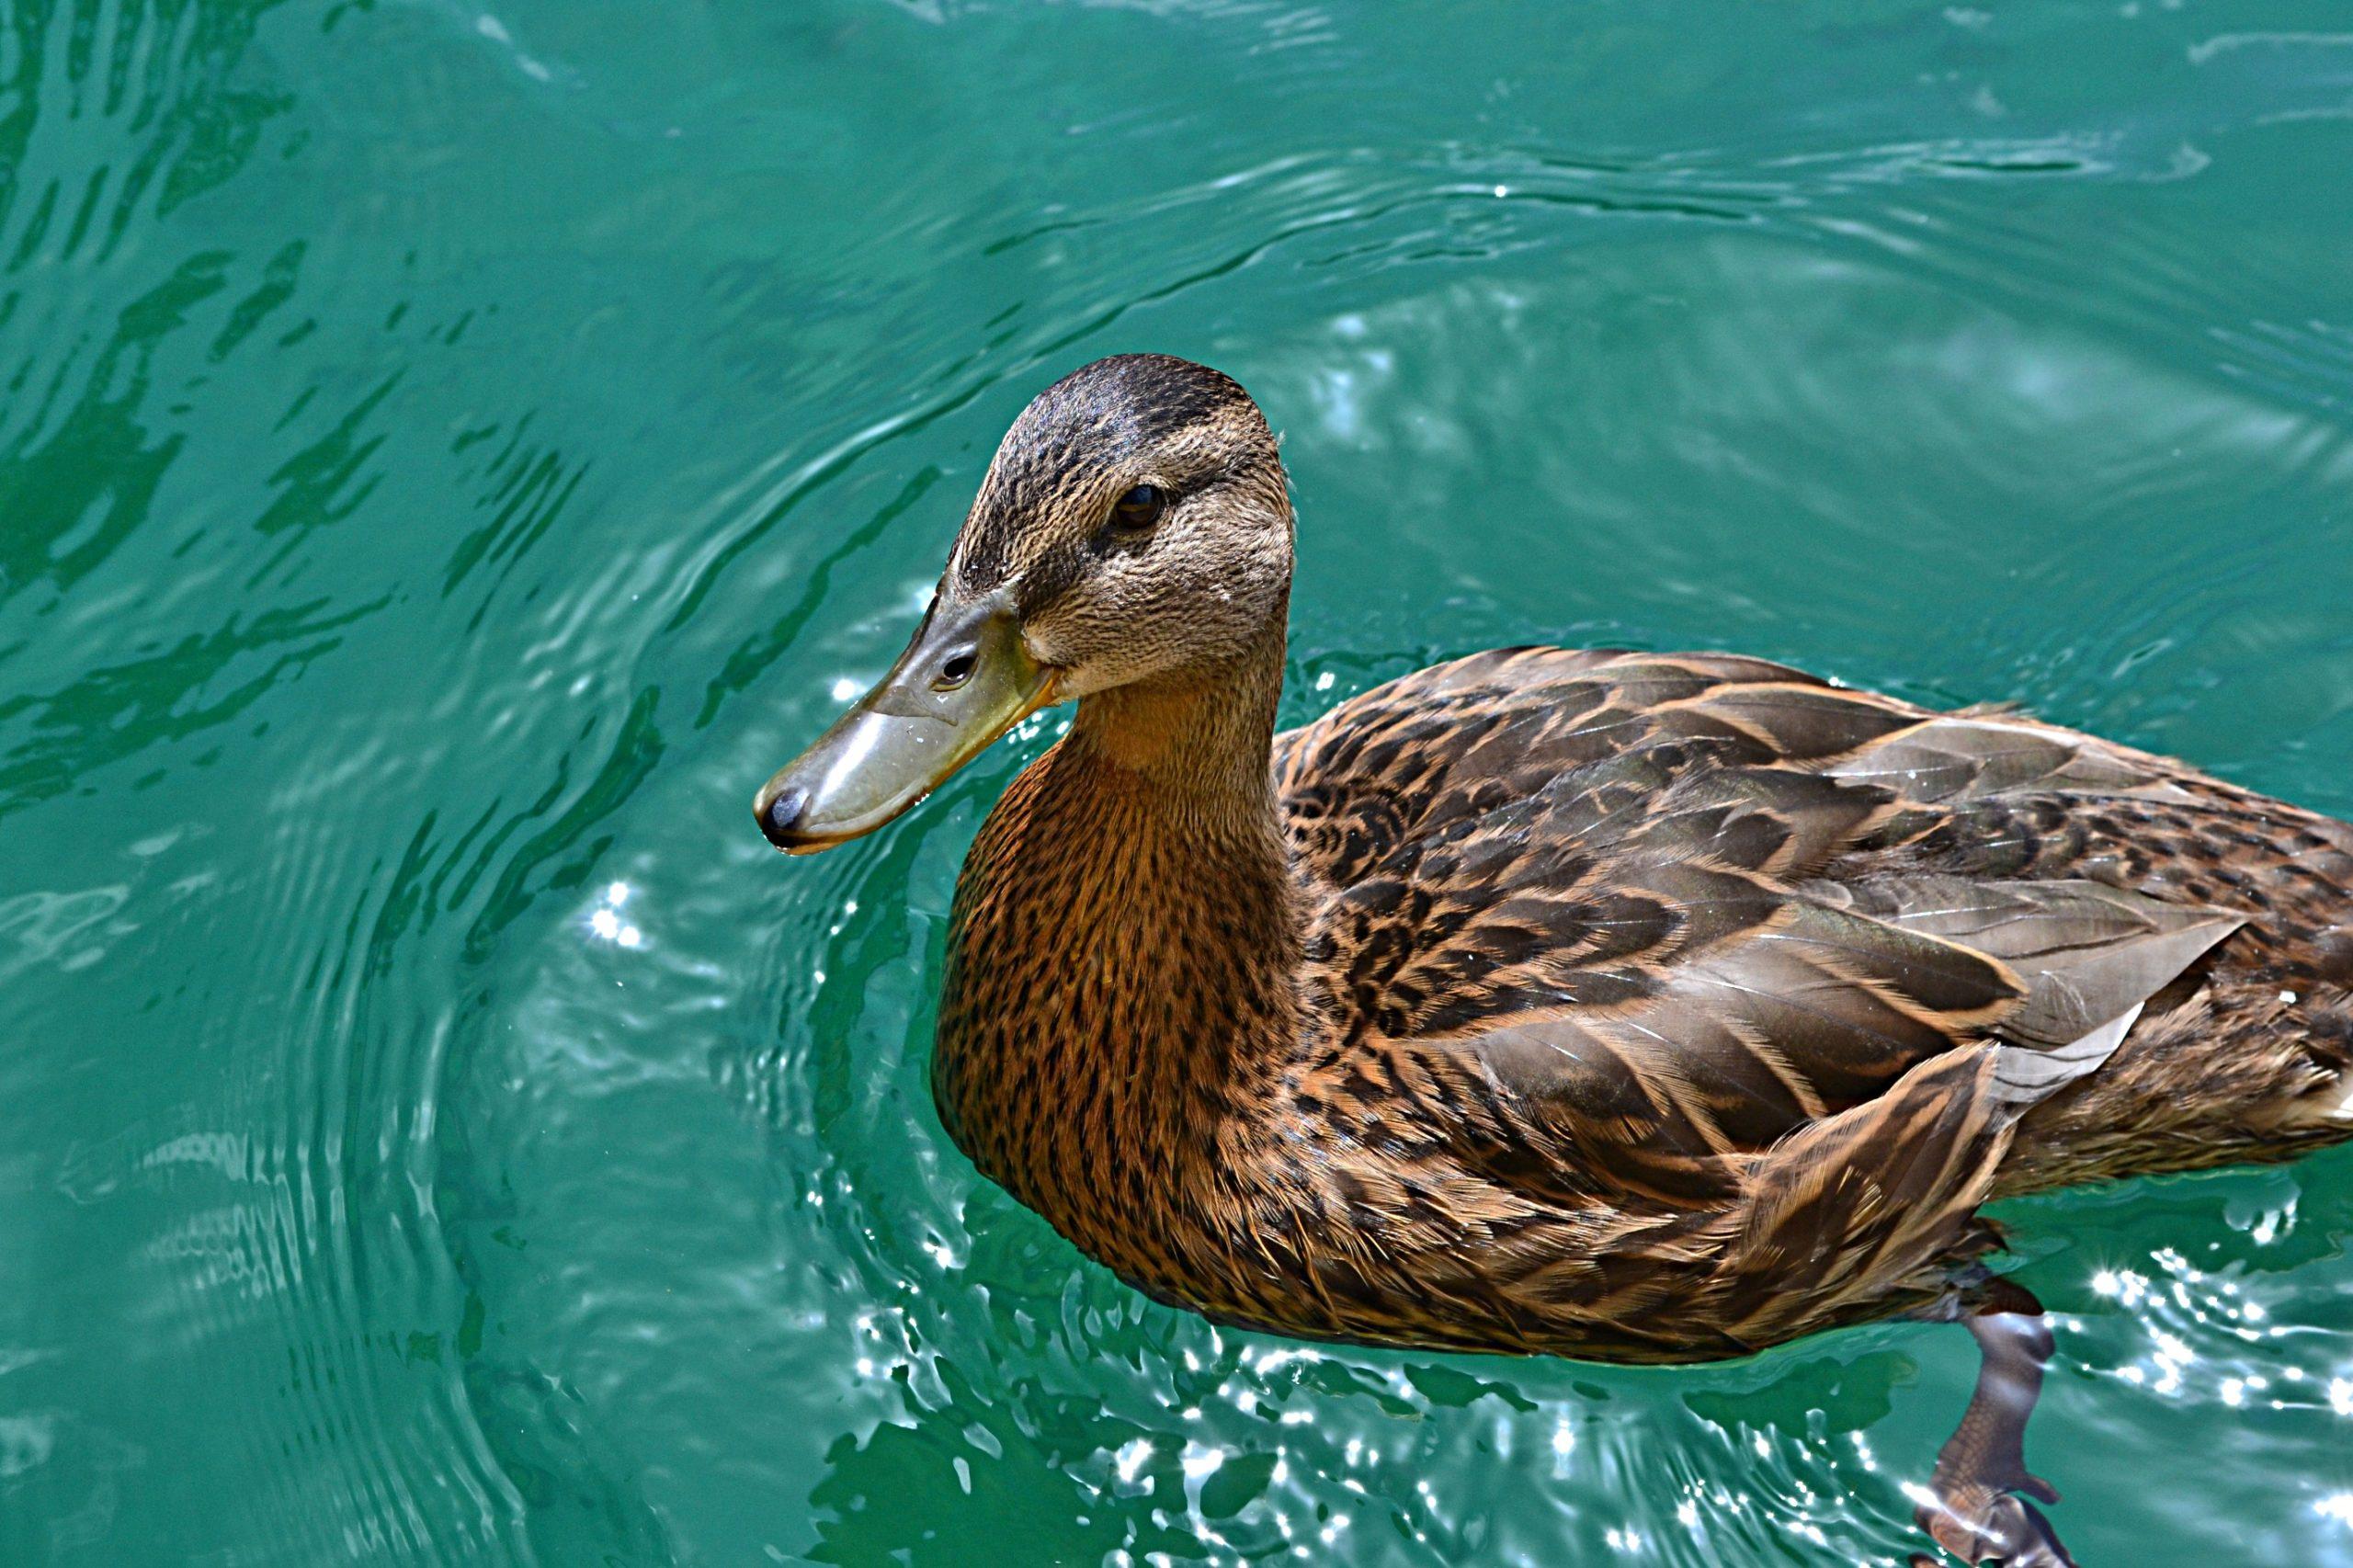 У дикой водоплавающей птицы в Приморье выявлен микоплазмоз